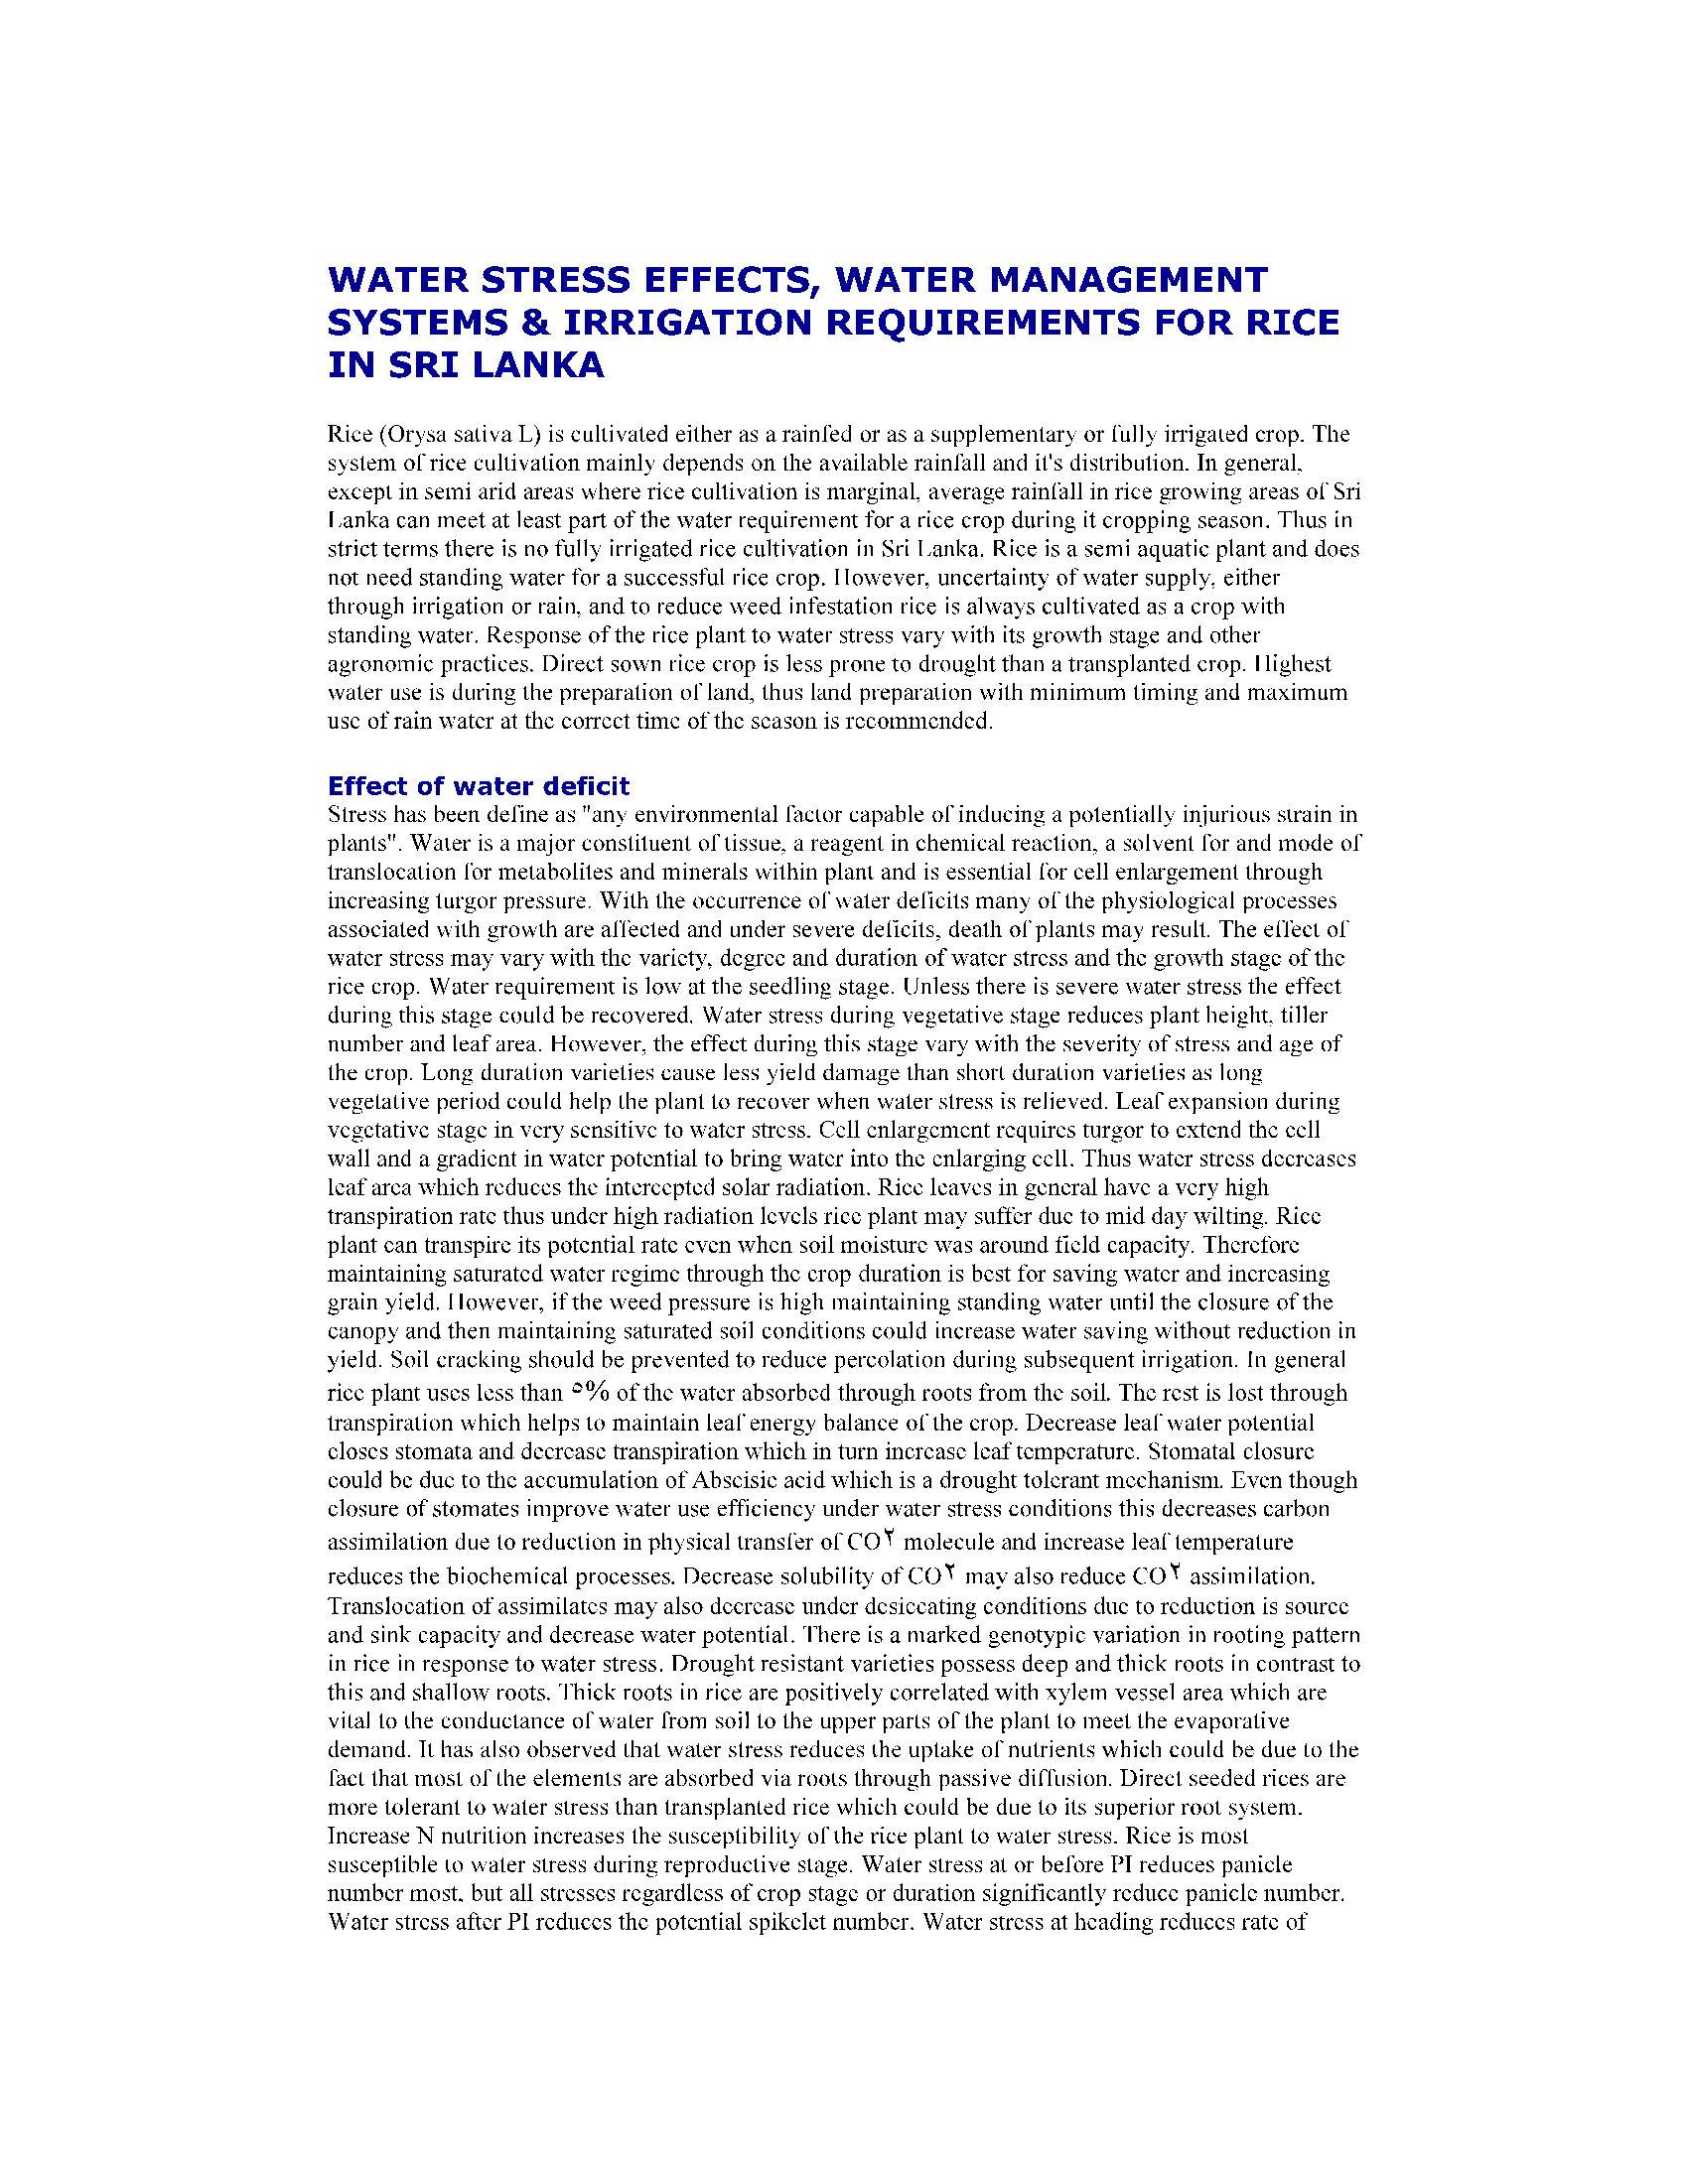 اثرات فشار ( سختی ) آب ، سیستم مدیریت آب و الزامات آبیاری برای برنج در سریلانکا WATER STRESS EFFECTS